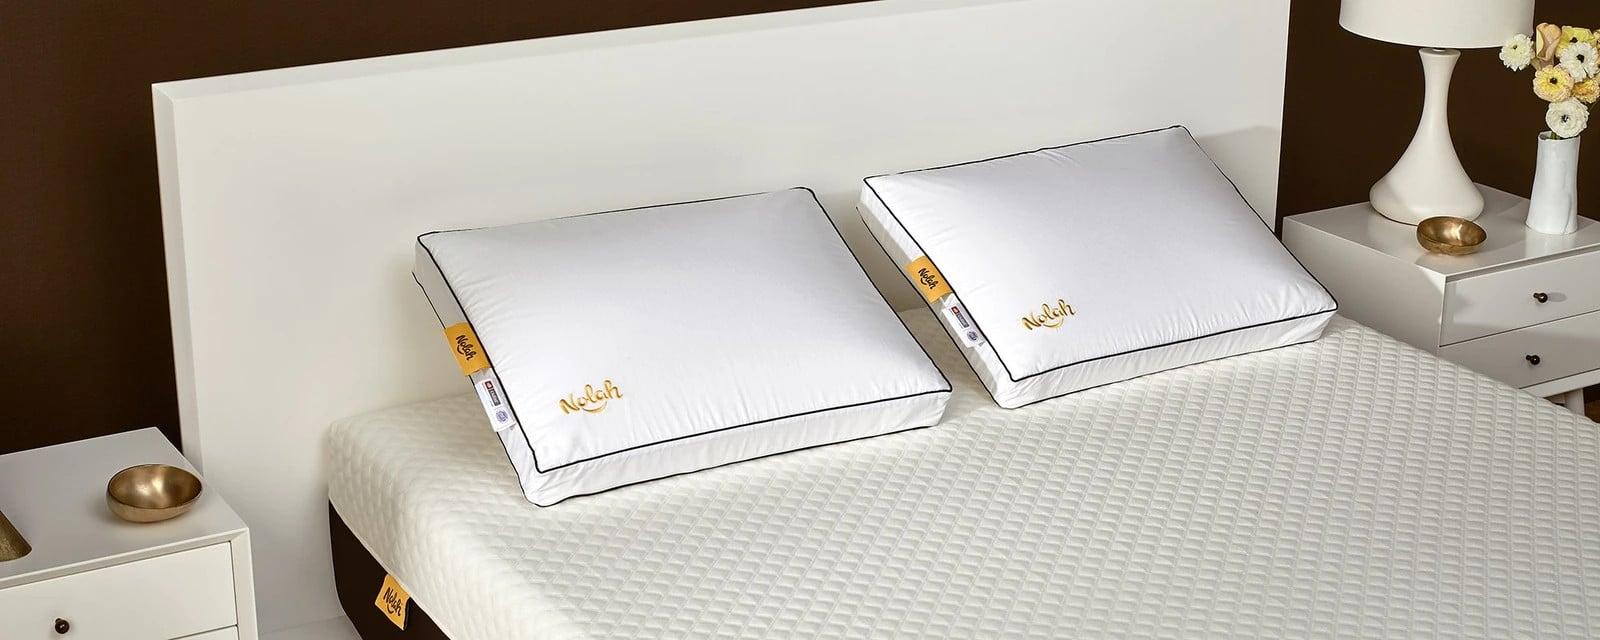 should i buy the signature or original nolah mattress